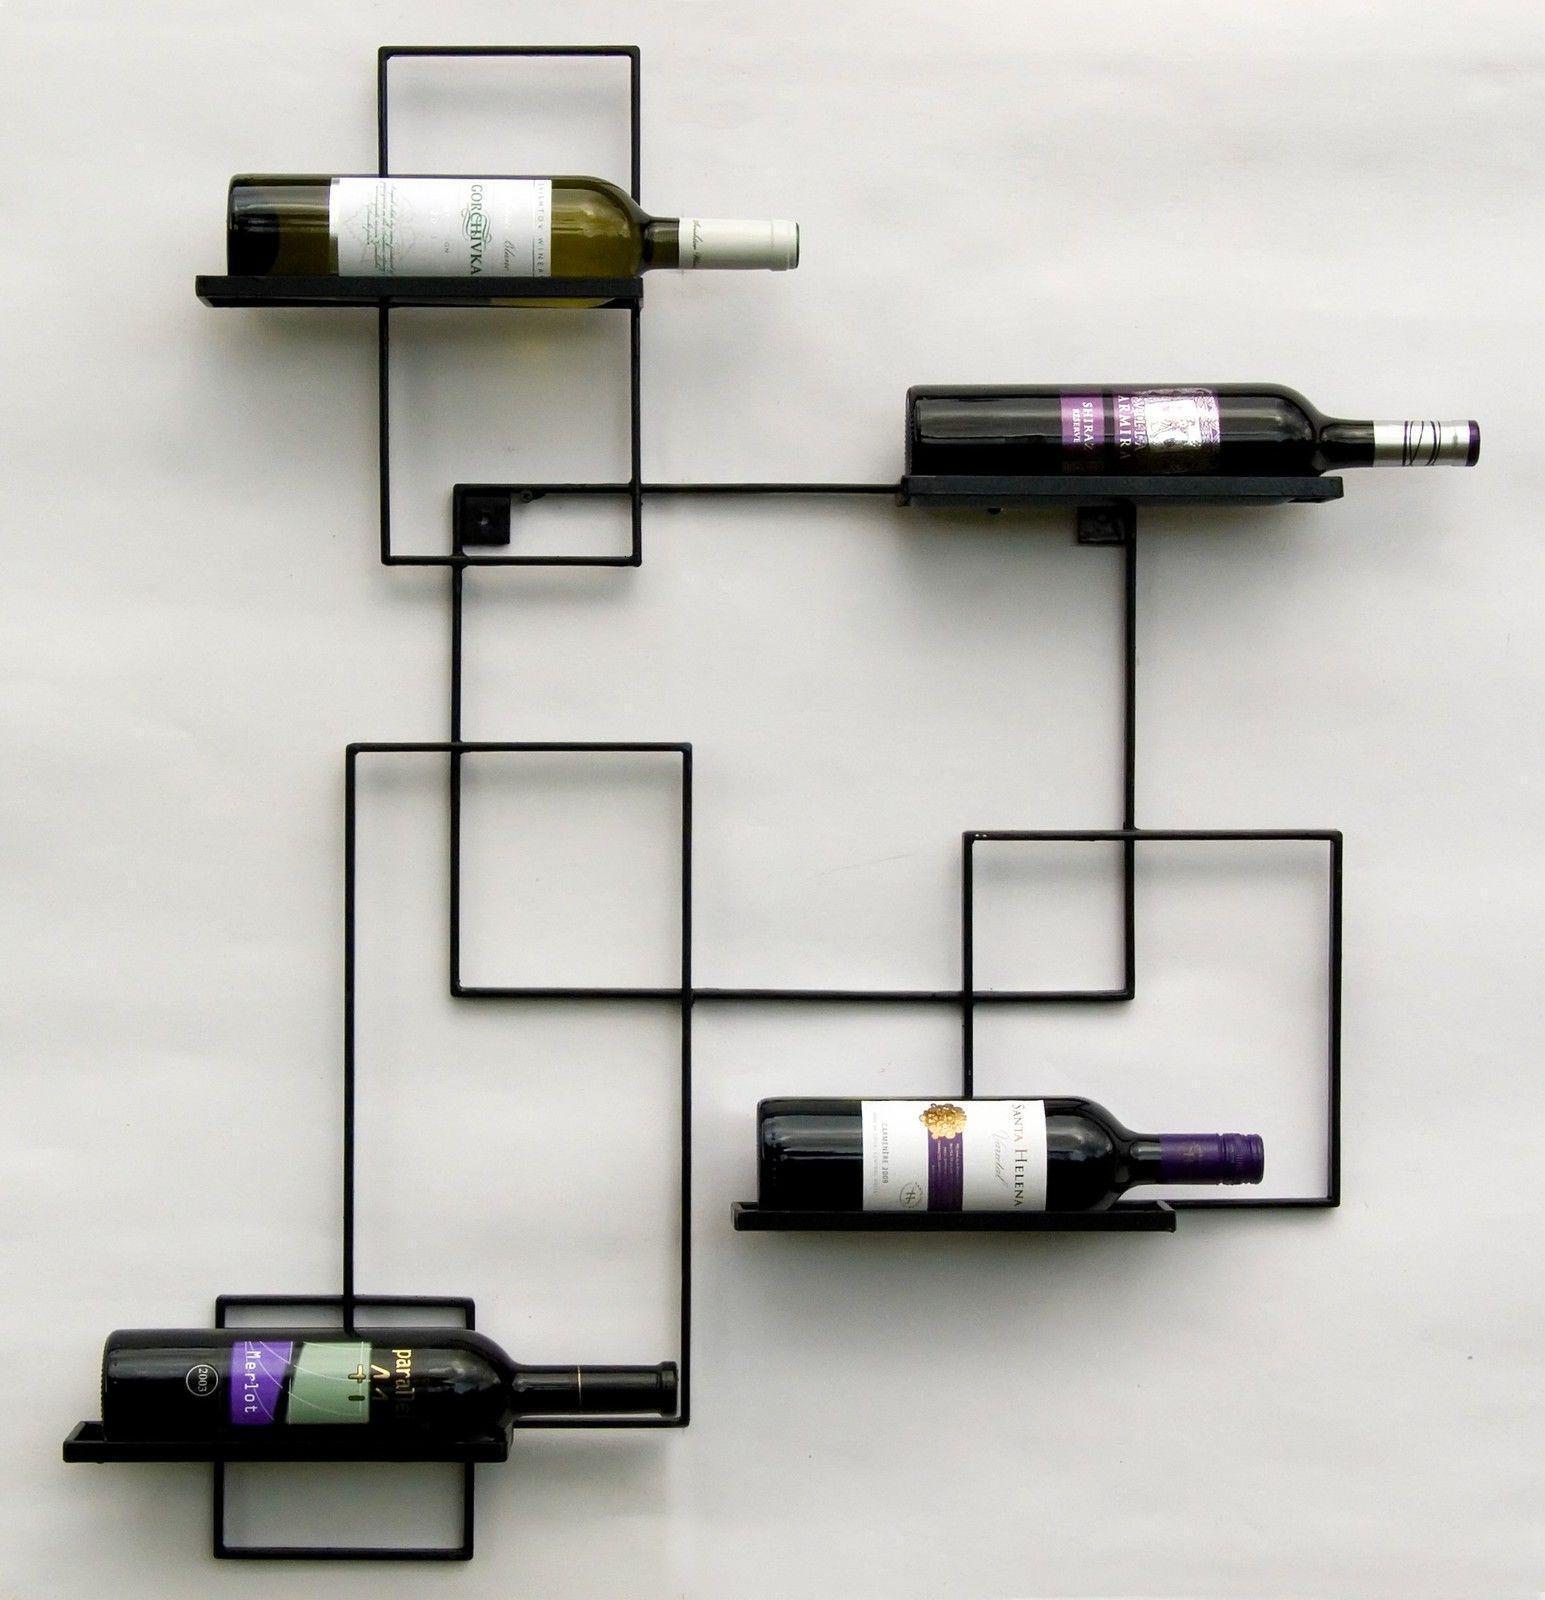 Vino scaffale in metallo muro nero LINE Bottiglie Scaffale 90 cm Bottiglie Supporto Nero